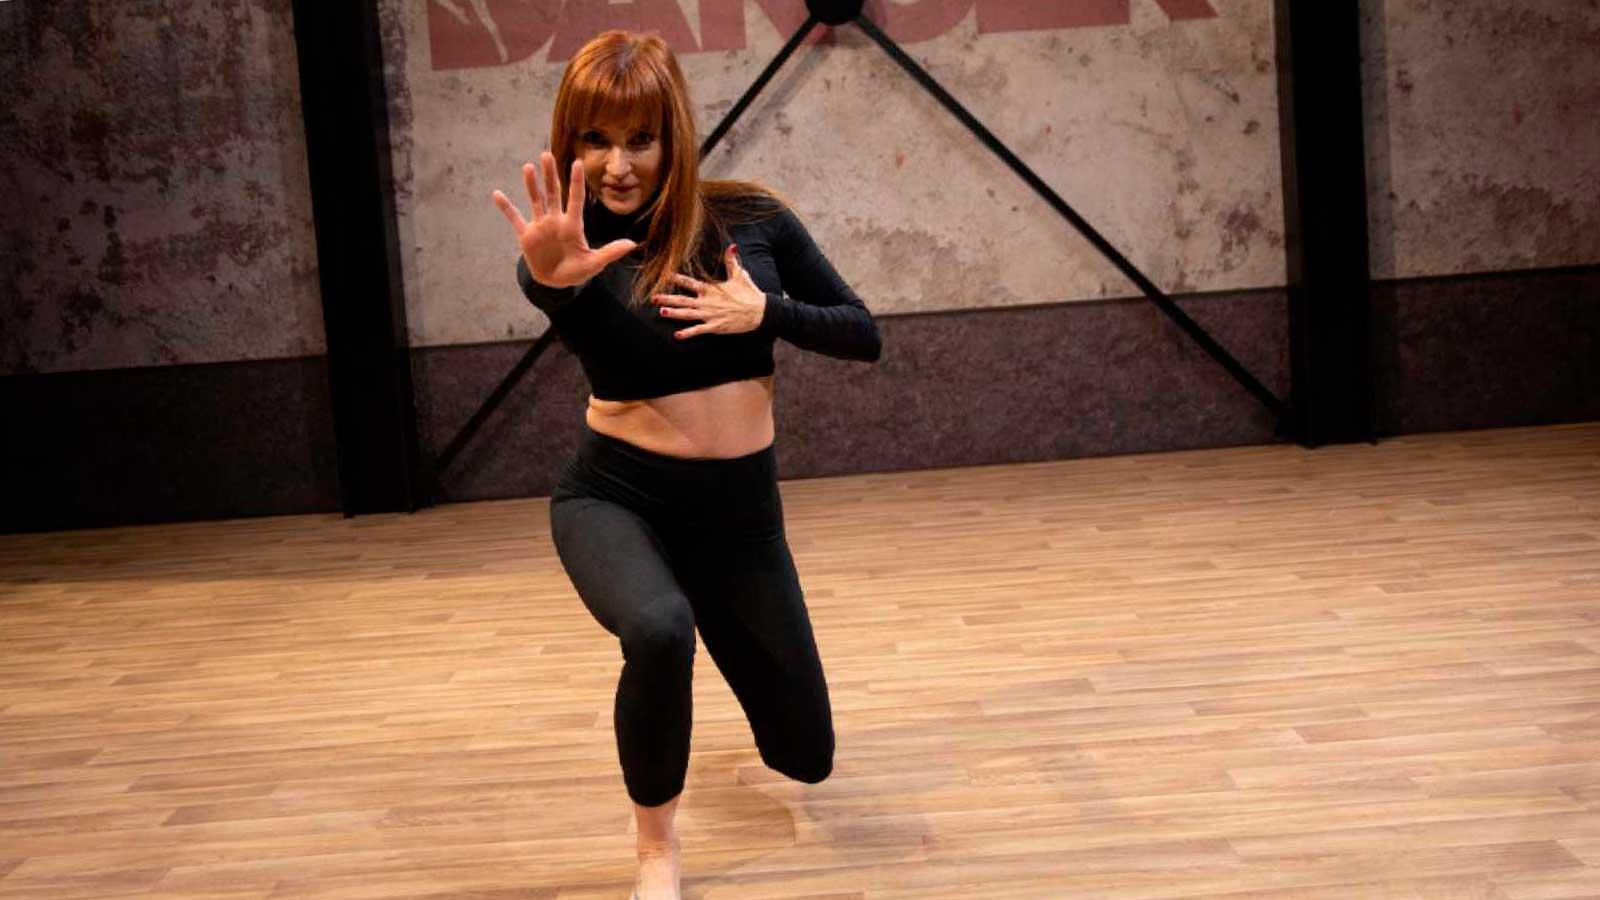 the-dancer-sara-del-pino